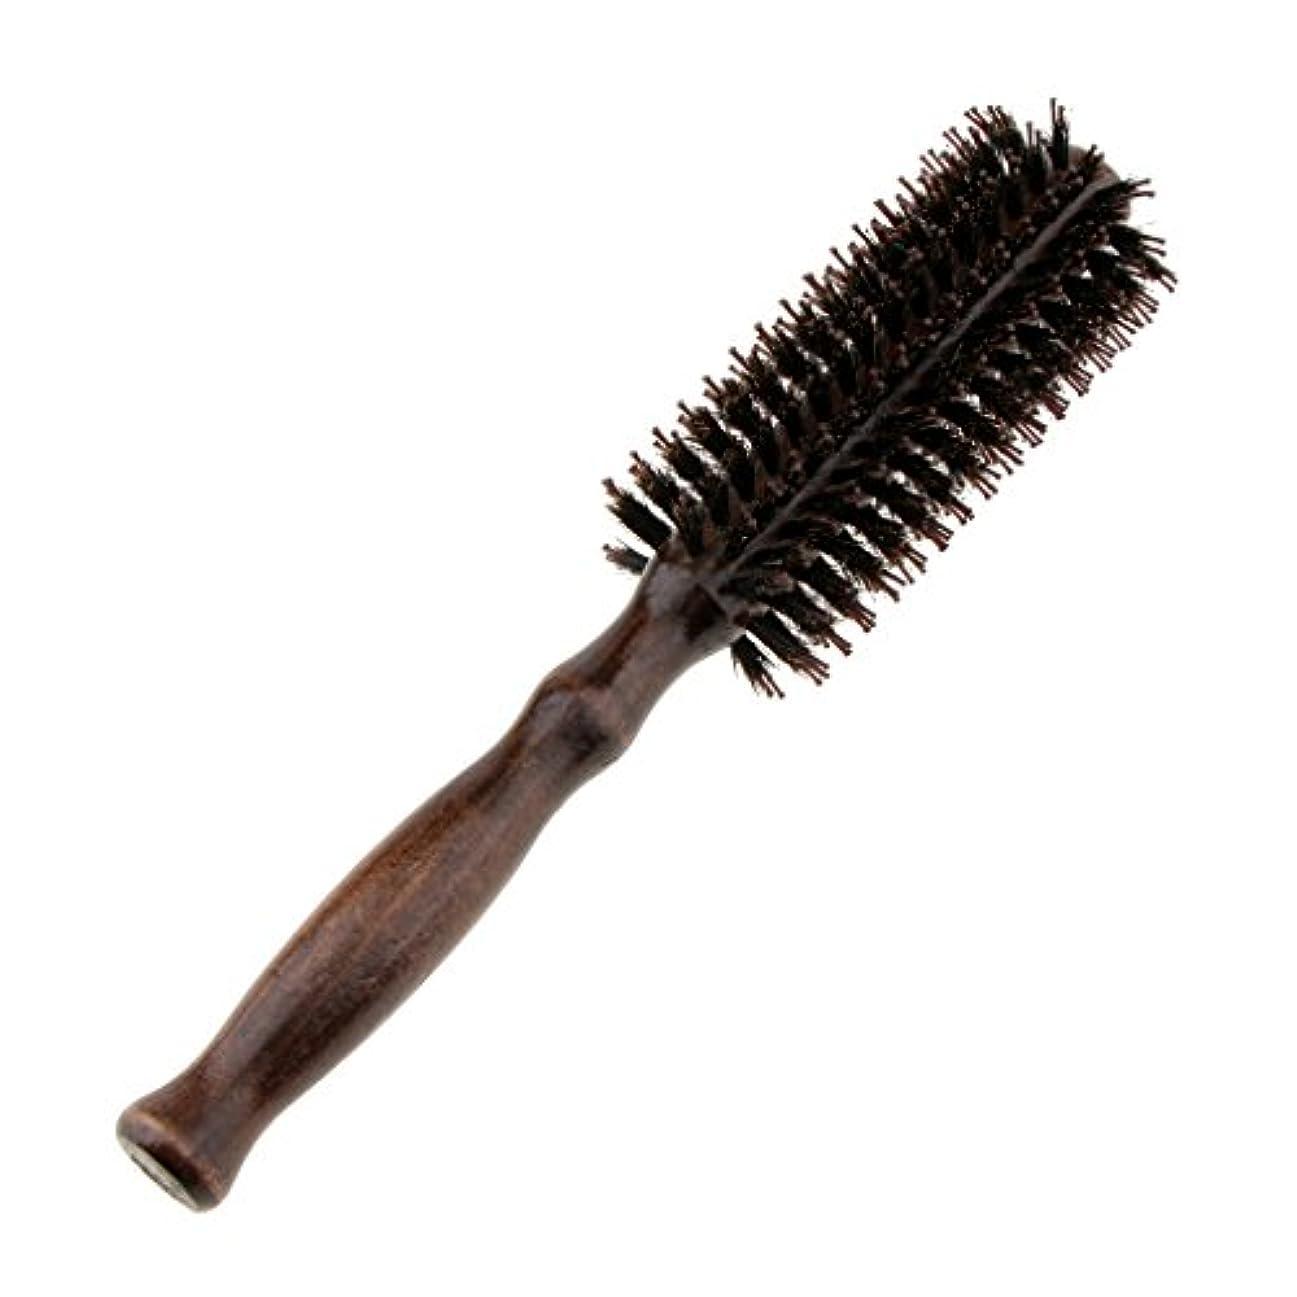 Homyl ロールブラシ ヘアブラシ ラウンド ウッド ハンドル 理髪 美容 カール 2タイプ選べる - #1